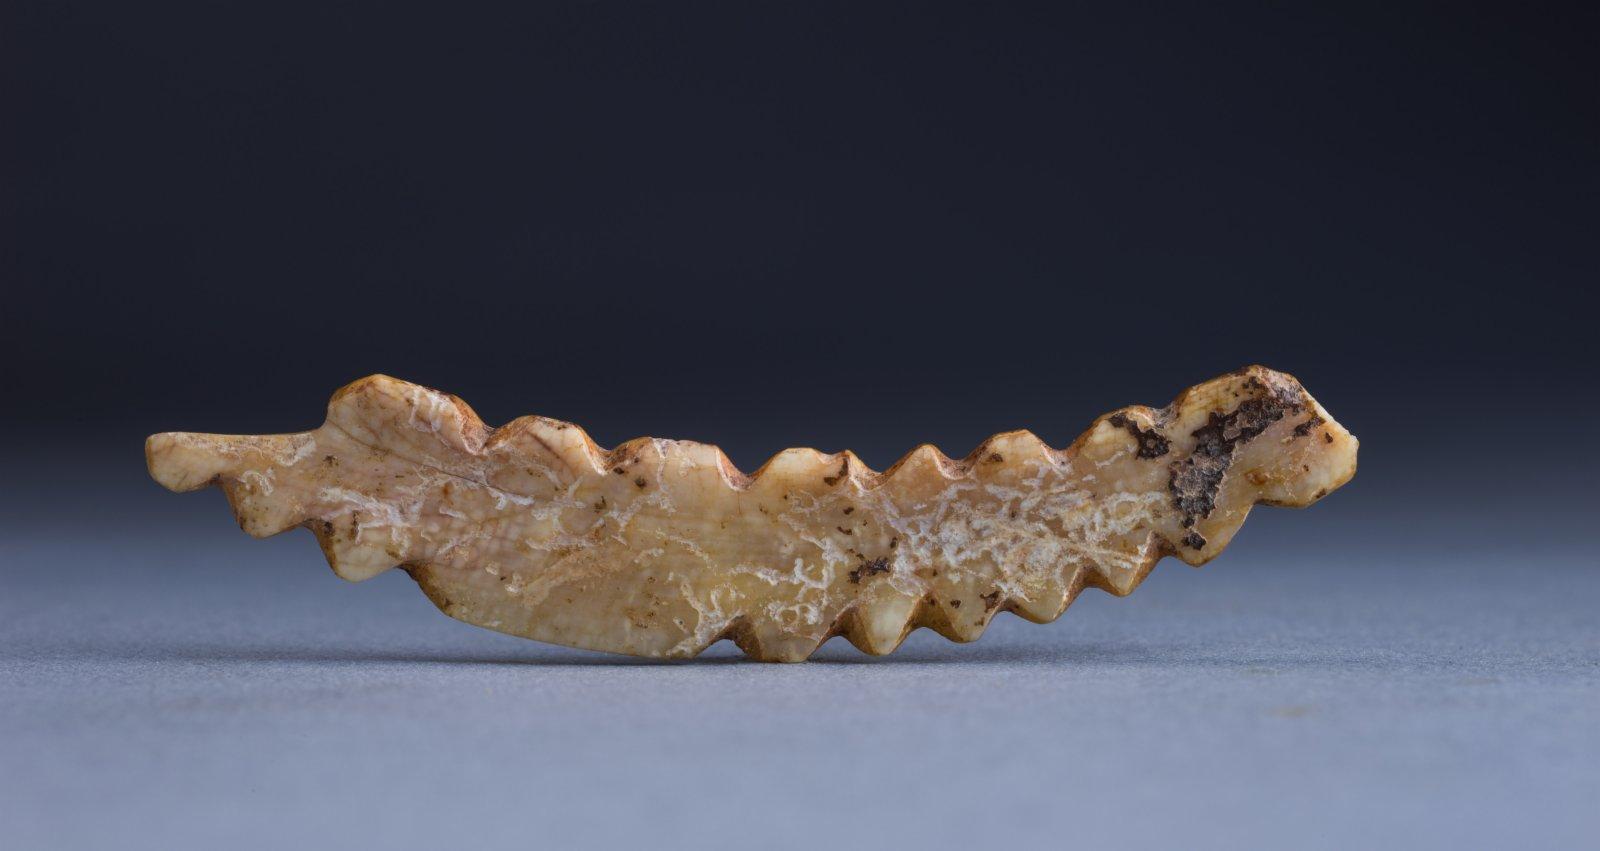 河南省鞏義市河洛鎮雙槐樹遺址出土的「牙雕家蠶」(資料照片)。